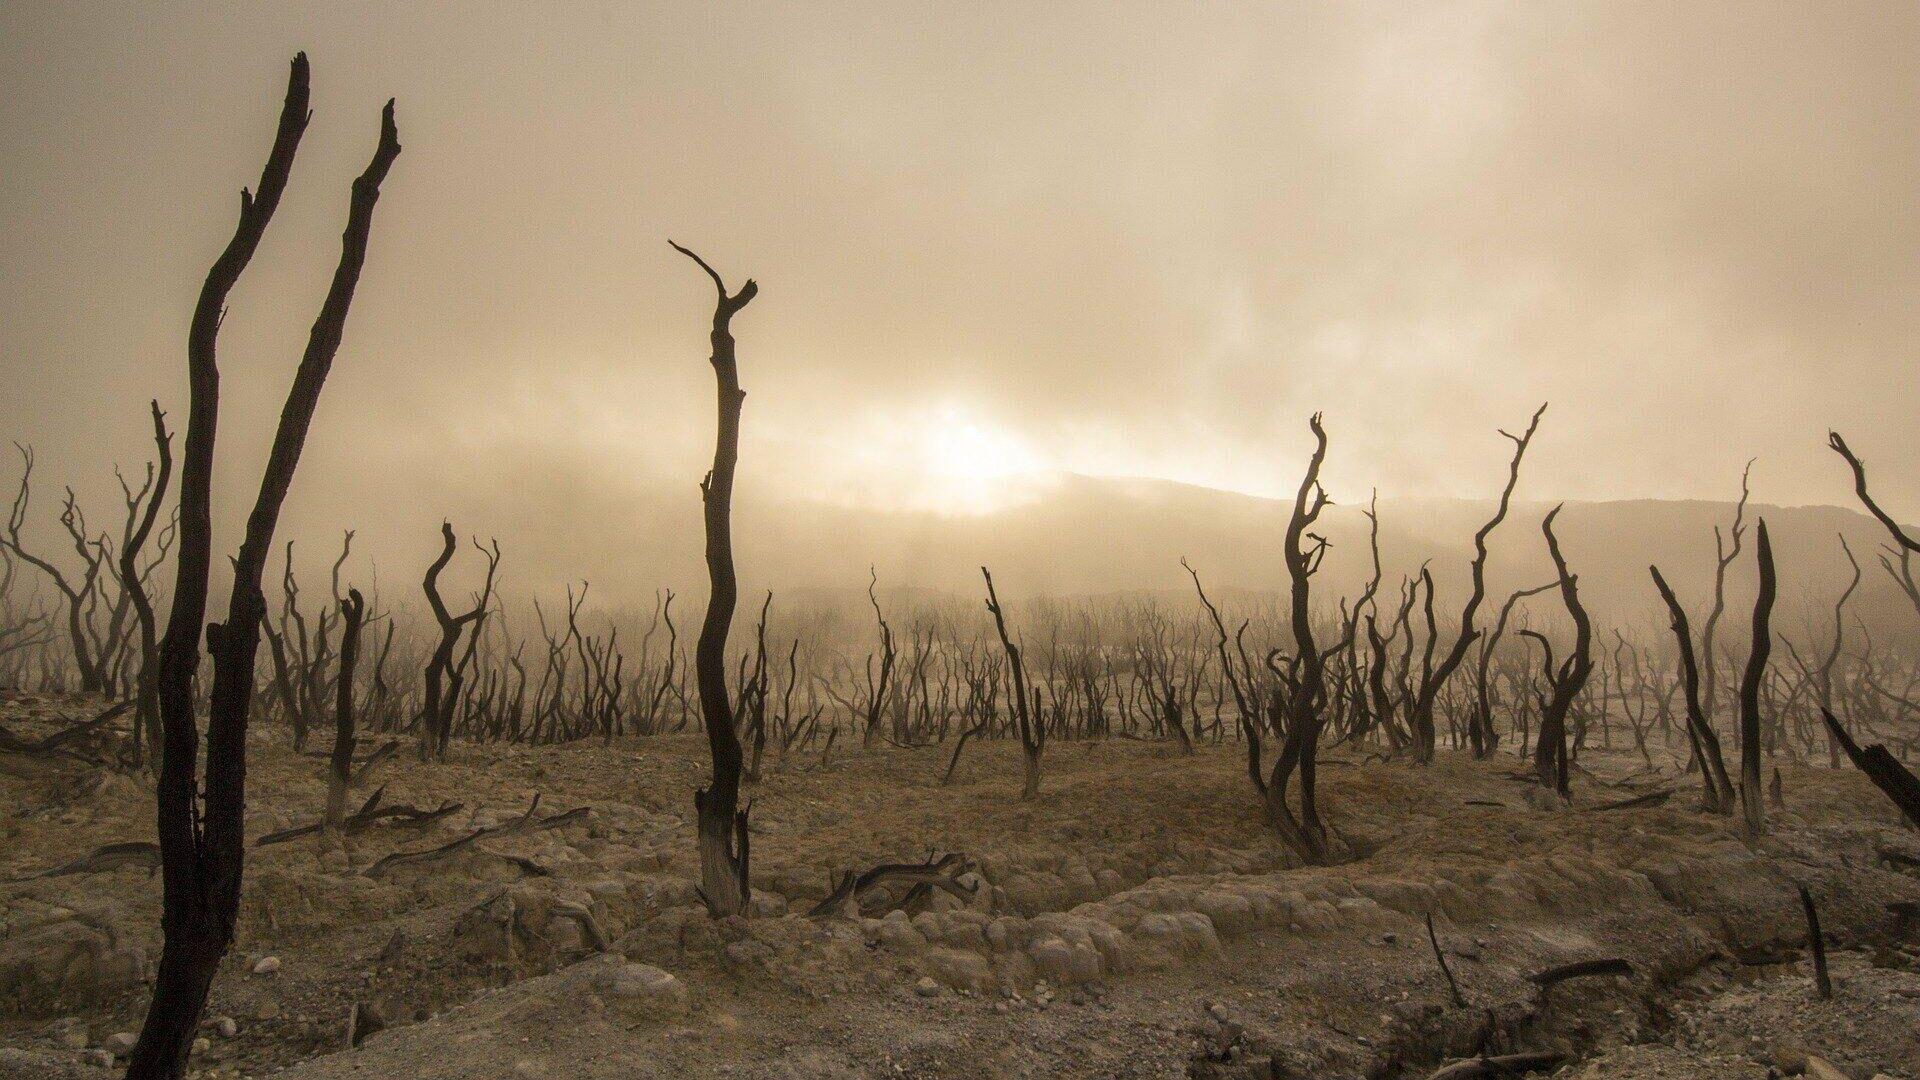 Unos árboles muertos - Sputnik Mundo, 1920, 09.04.2021